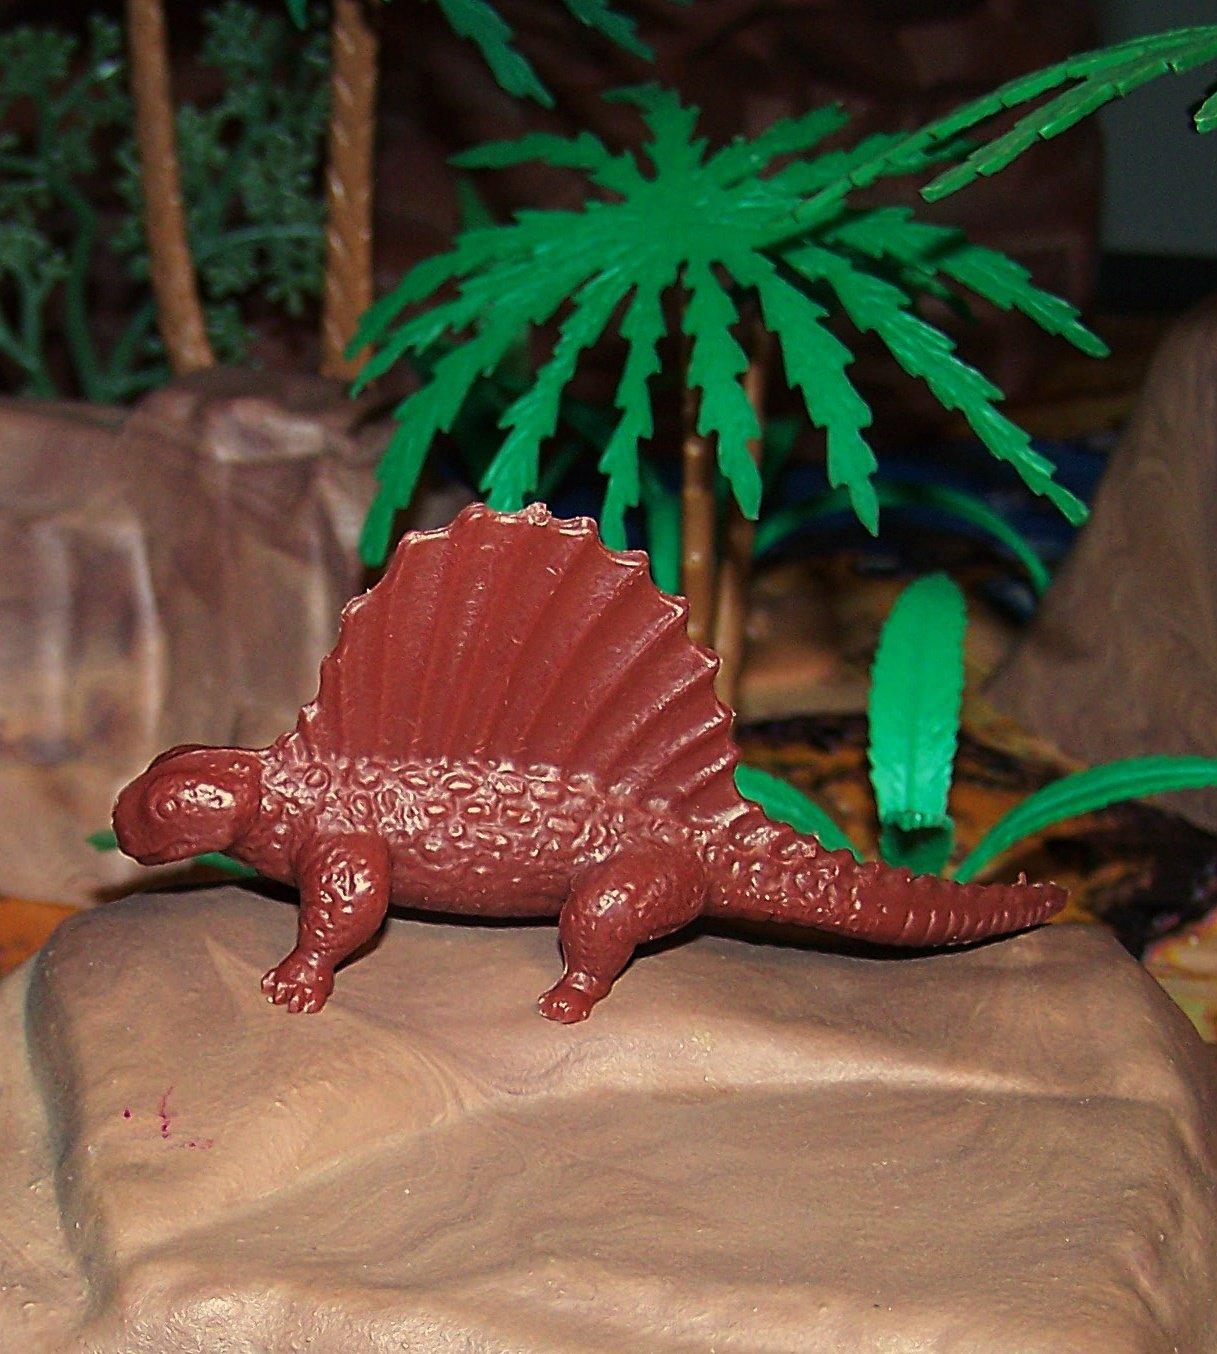 Marx Type III (1959/1971*) Dimetrodon Reptile Dinosaur Waxy Chocolate Brown (5-22-21)